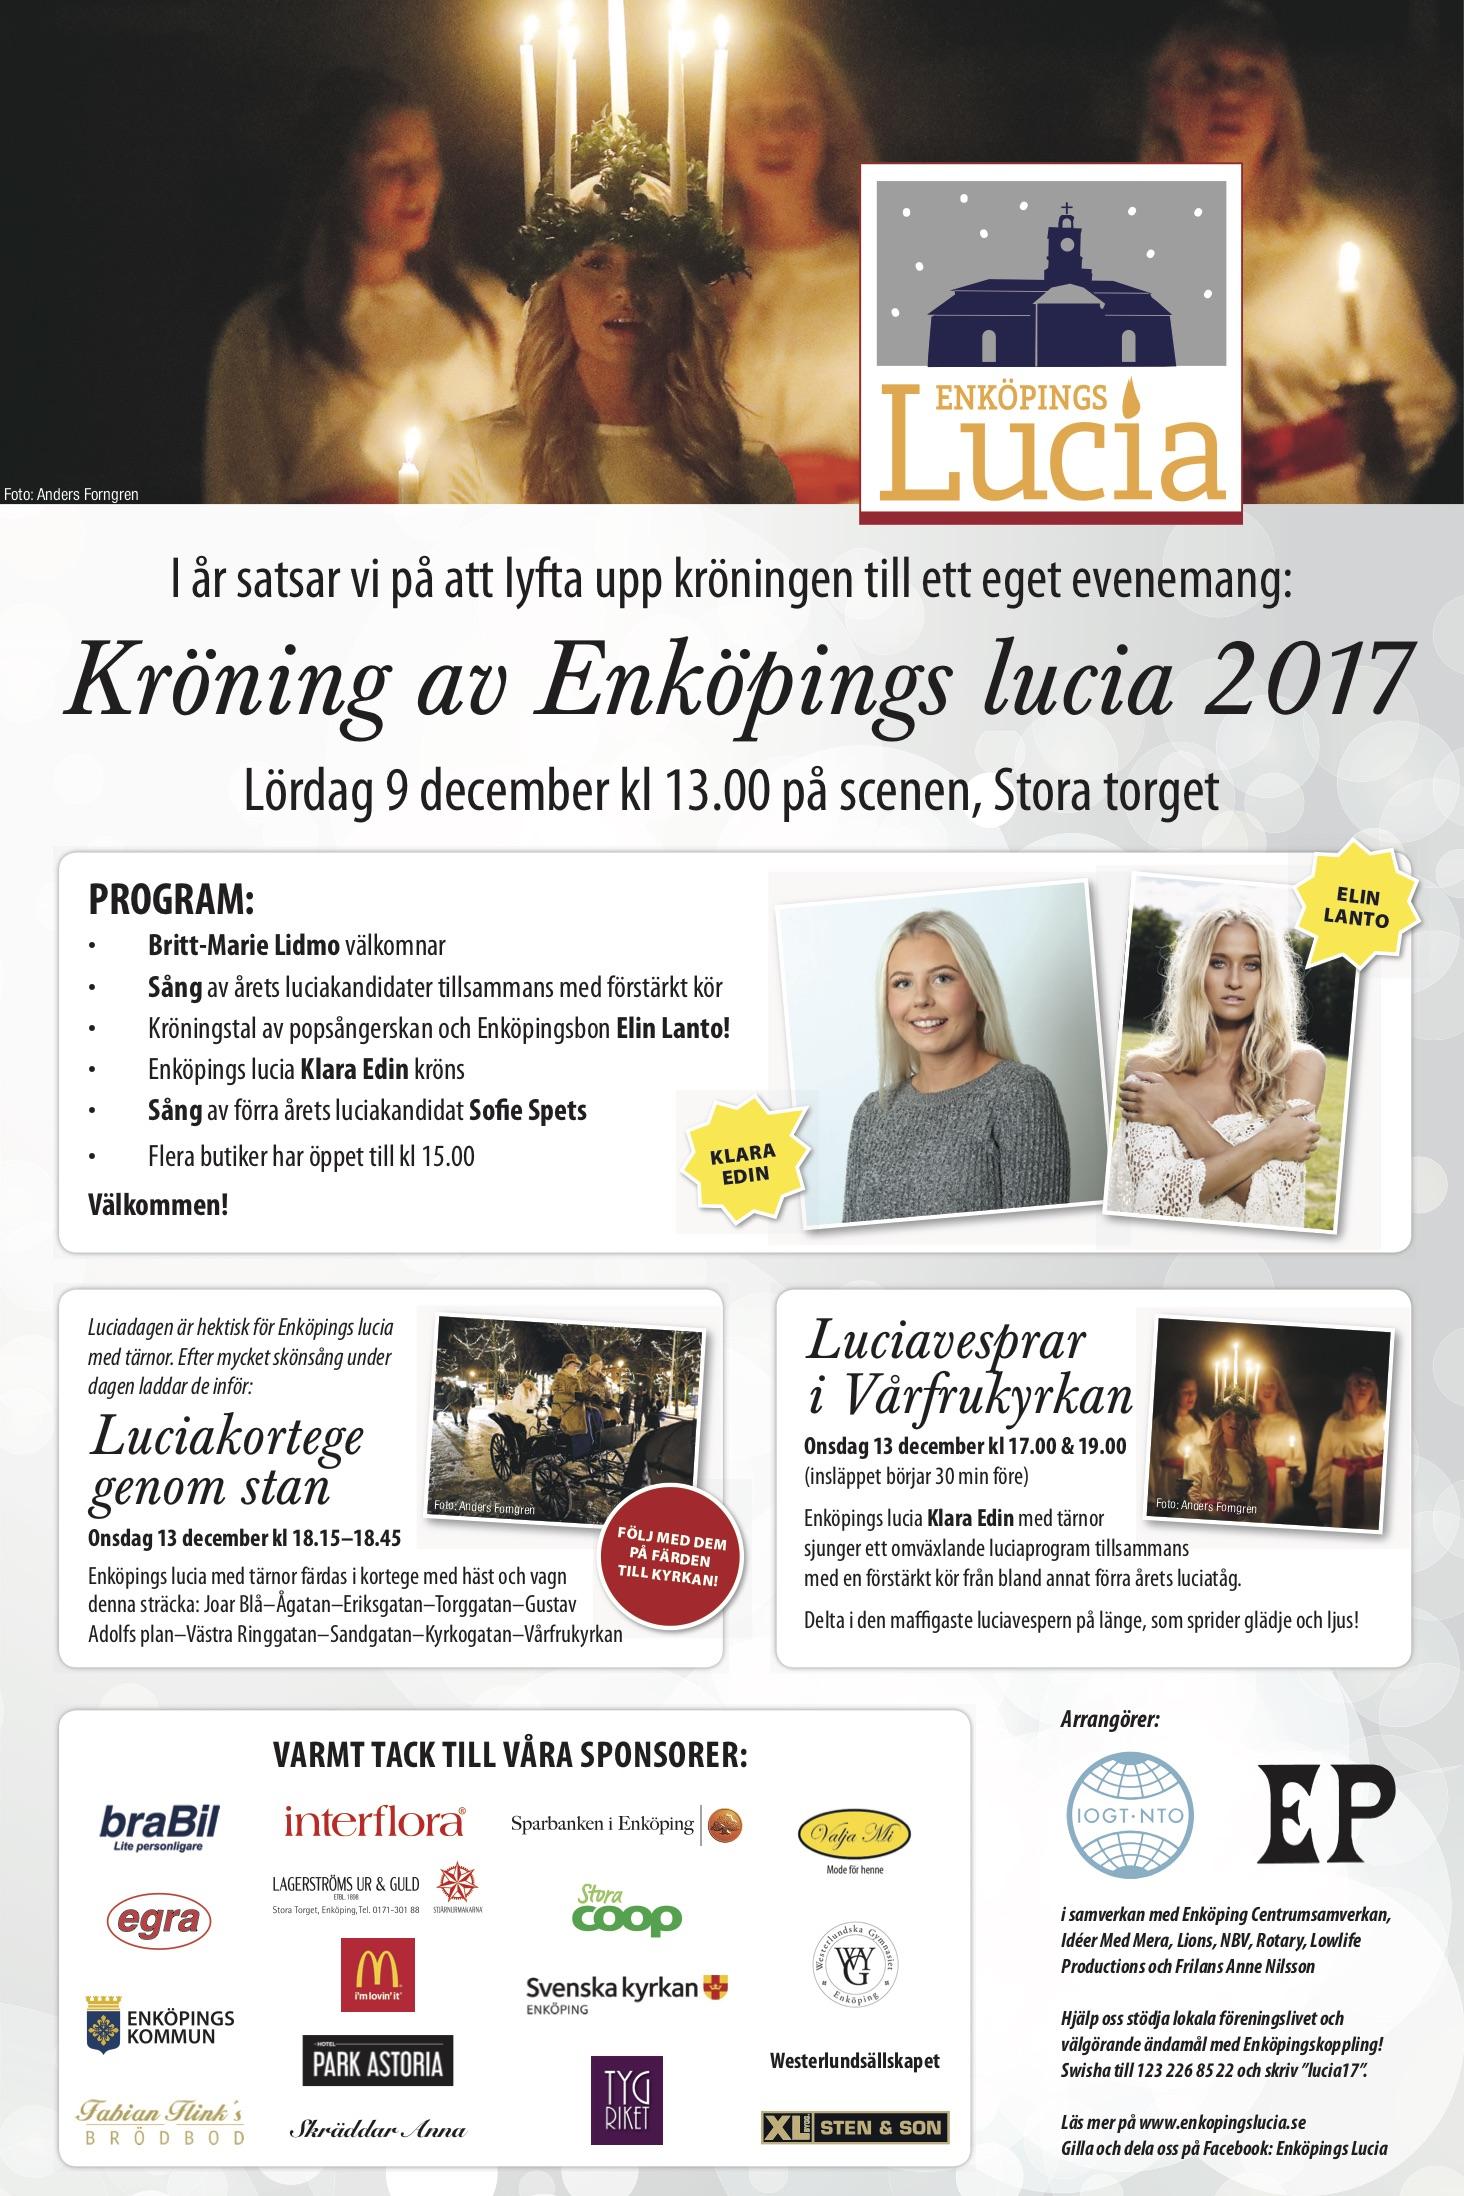 Annons om Enköpings Lucia 2017 i Enköpings-Posten.